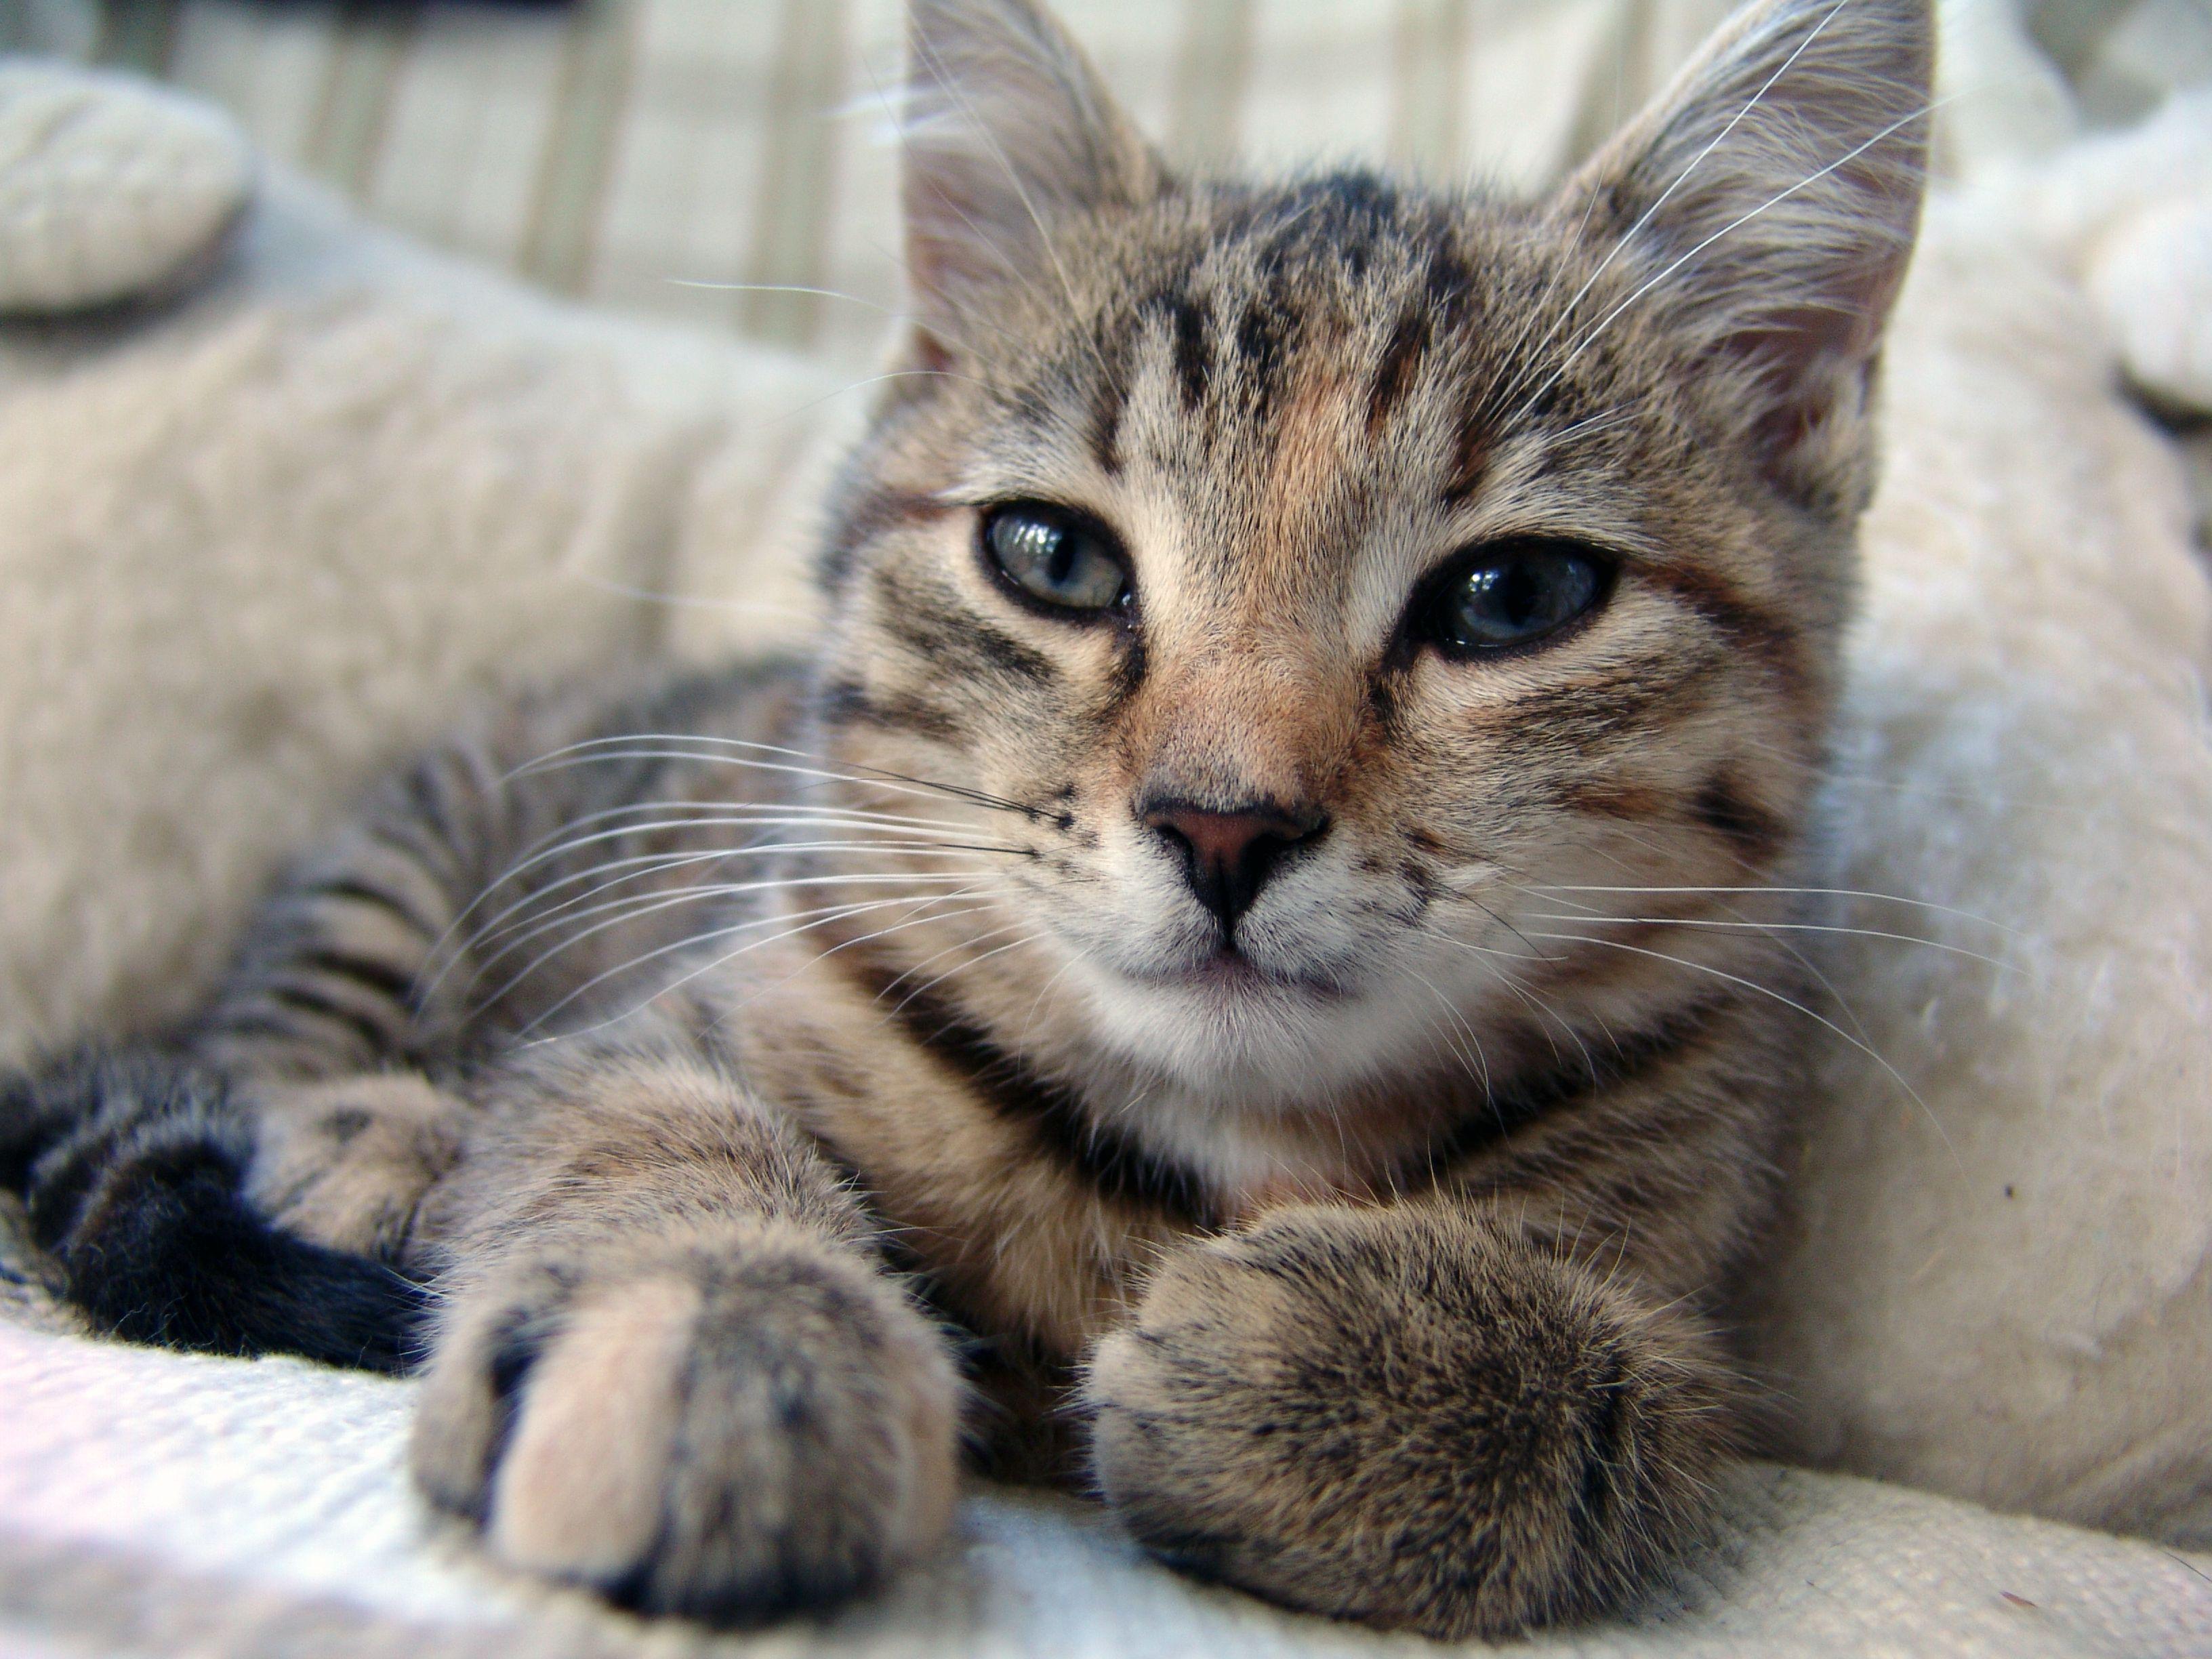 Katze Katze Auf Dem Designersofa Blinde Spiegel Und Zigarettenrauch In Den Cute Cat Quotes Cat Quotes Cats